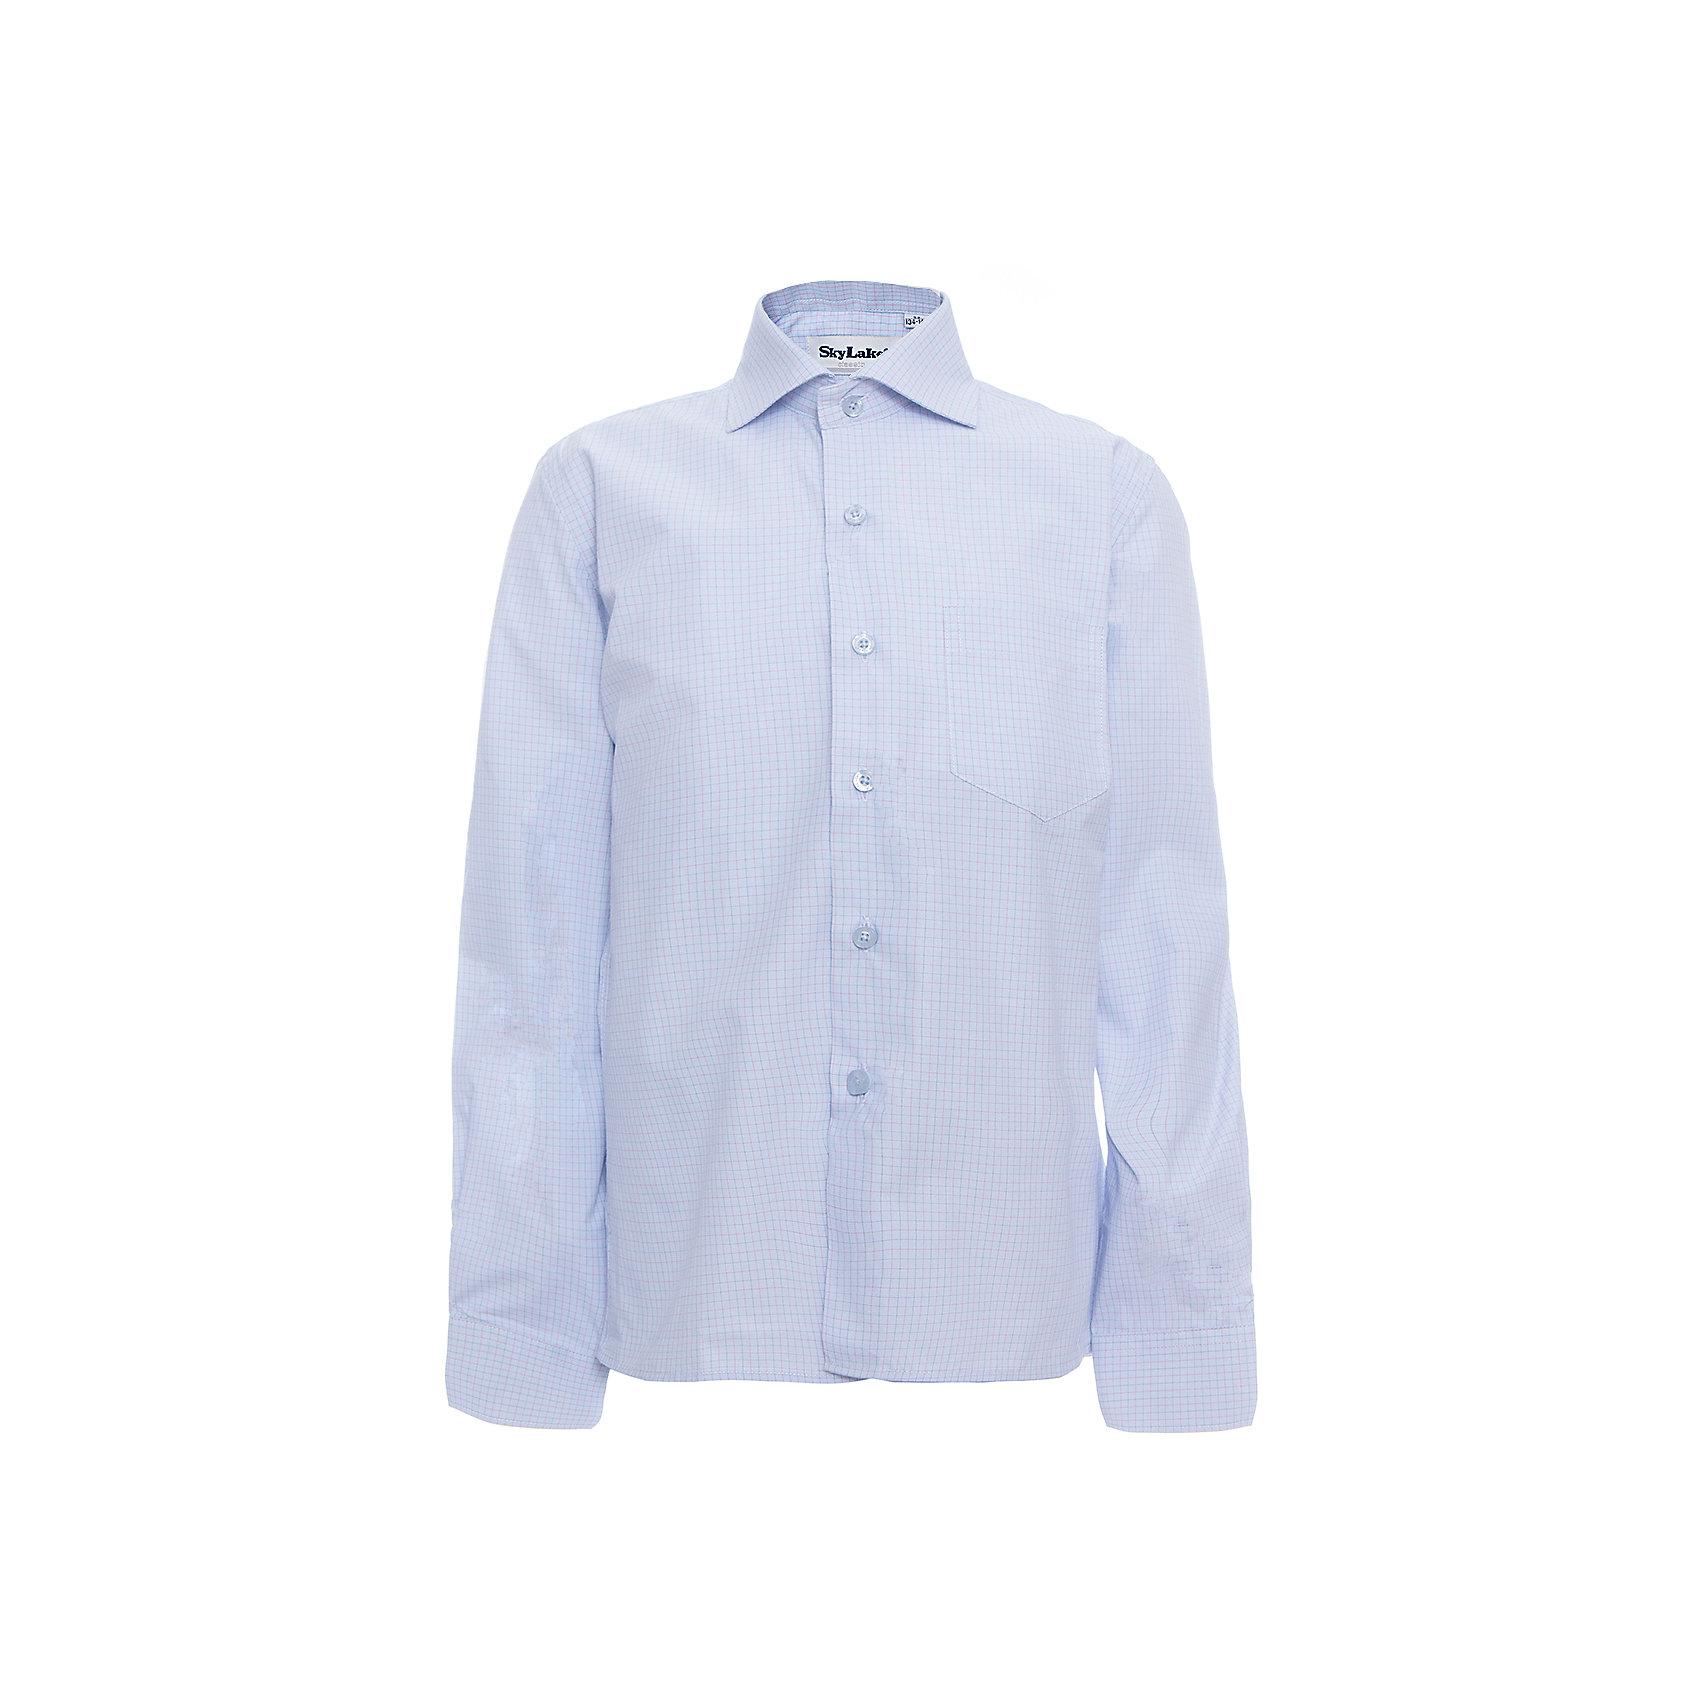 Рубашка CLASSIC SLIM FIT для мальчика SkylakeБлузки и рубашки<br>Сорочка детская для мальчика<br>Состав:<br>80% хлопок, 20% п/э<br><br>Ширина мм: 174<br>Глубина мм: 10<br>Высота мм: 169<br>Вес г: 157<br>Цвет: голубой<br>Возраст от месяцев: 144<br>Возраст до месяцев: 156<br>Пол: Мужской<br>Возраст: Детский<br>Размер: 158,122,128,134,140,146,152<br>SKU: 6772777